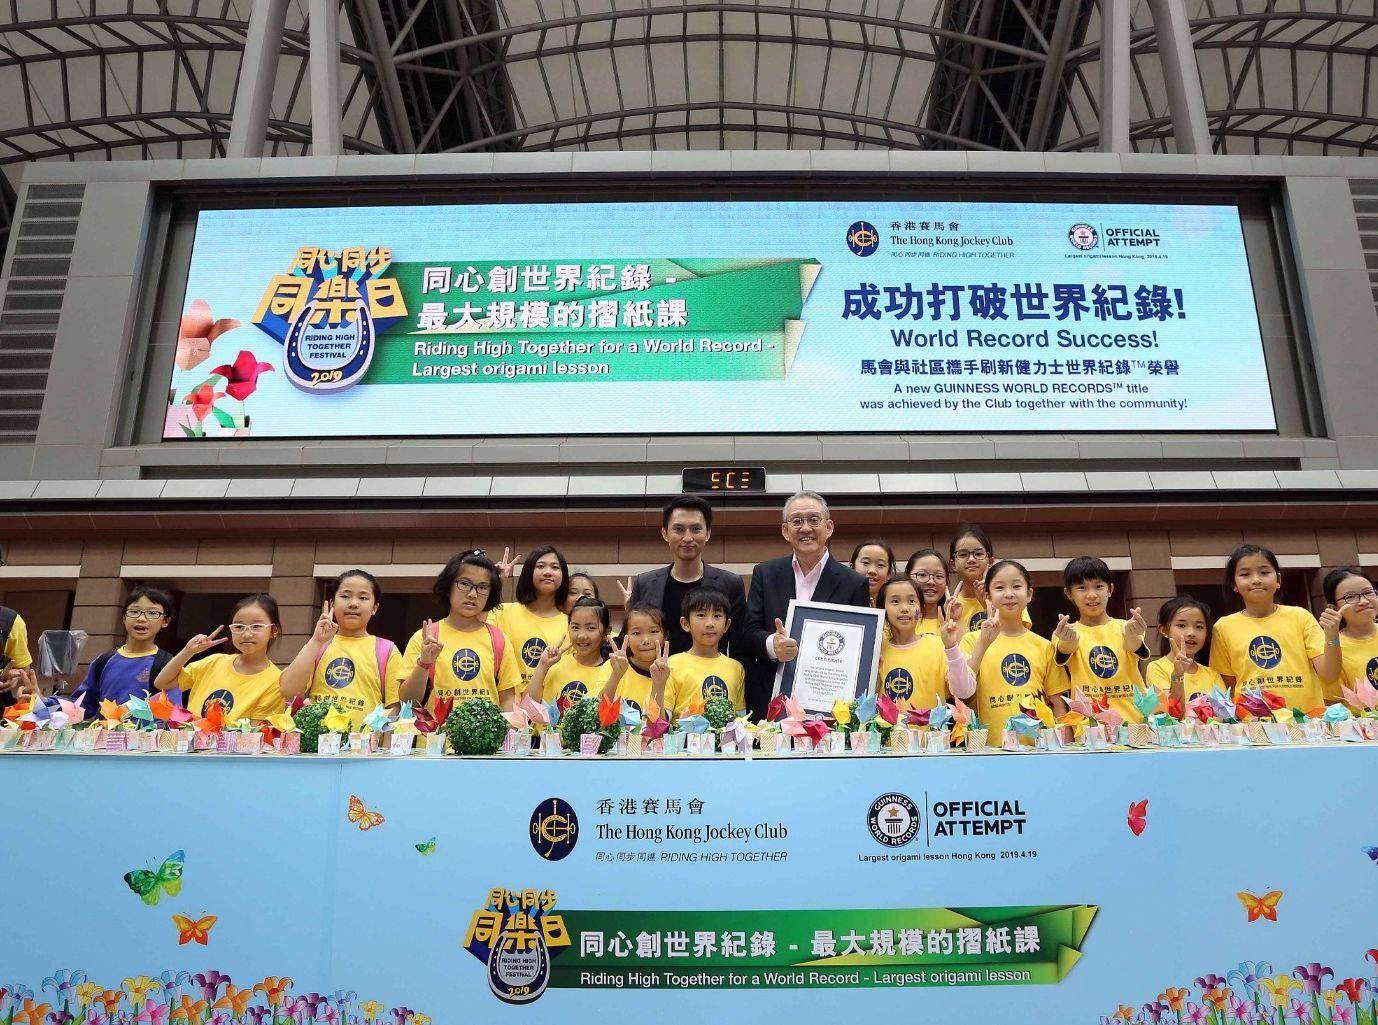 1073位參加者成功挑戰「最大規模的摺紙課」的世界紀錄。